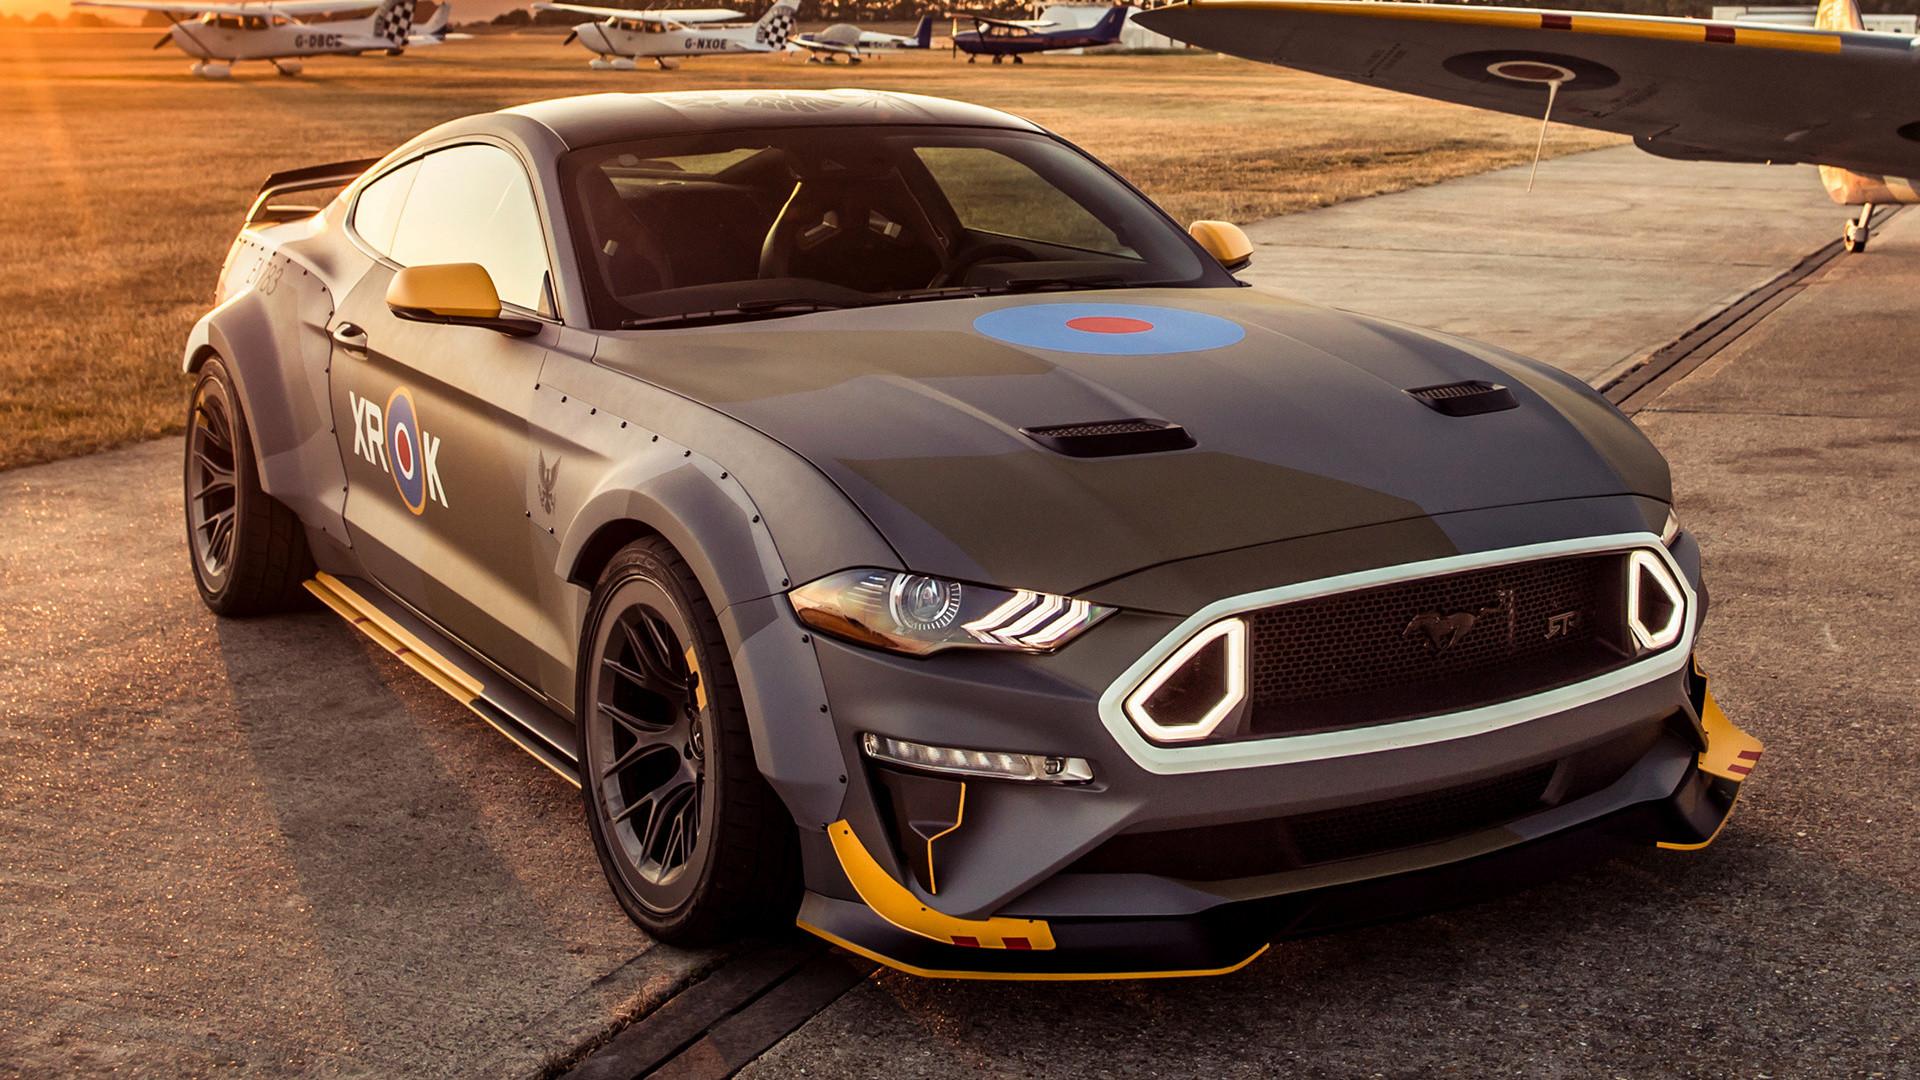 2018 Mustang Gt Wallpaper (63+ pictures)